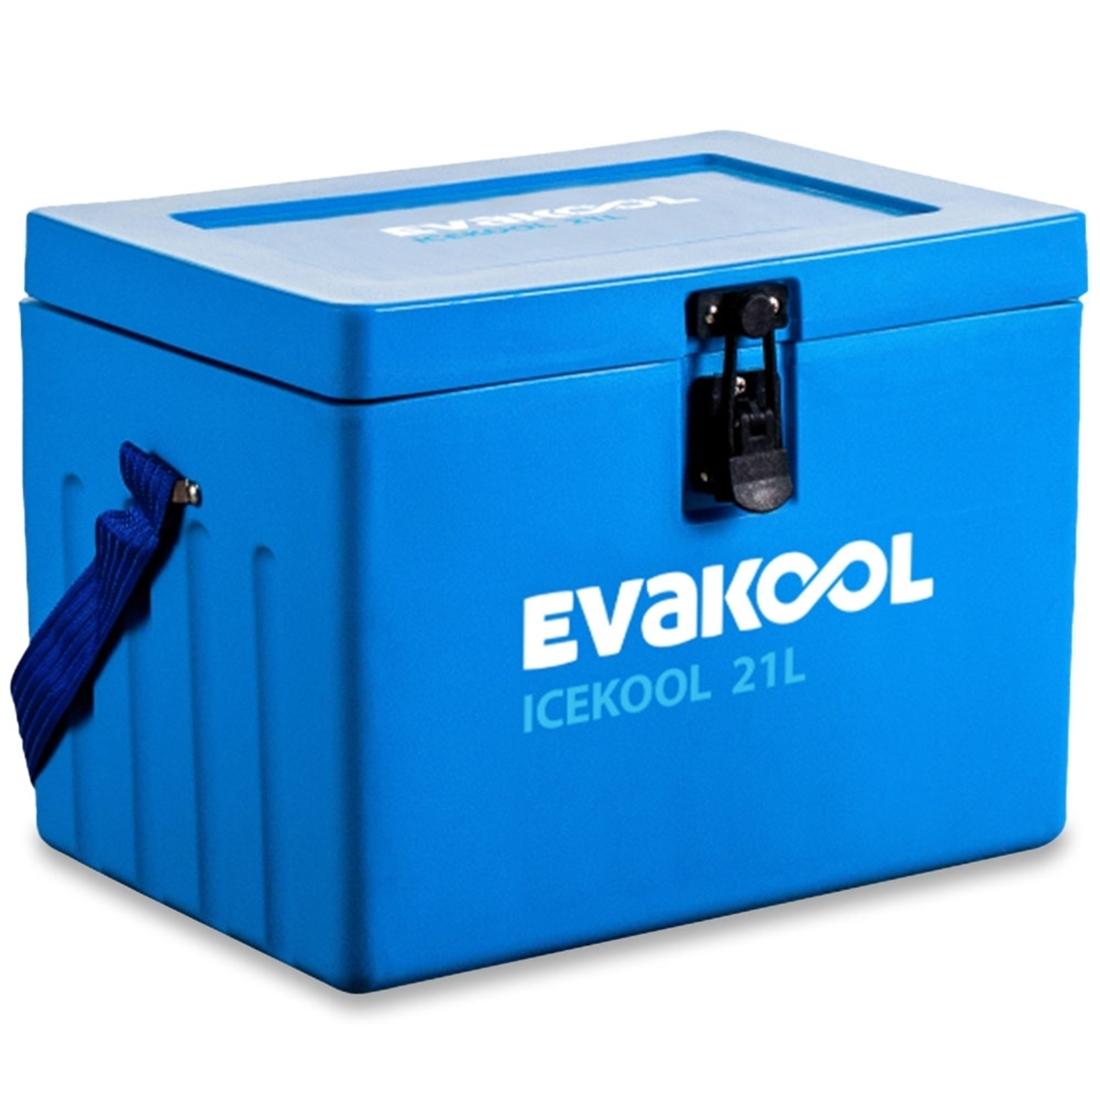 Evakool IceKool Icebox 21 Litre